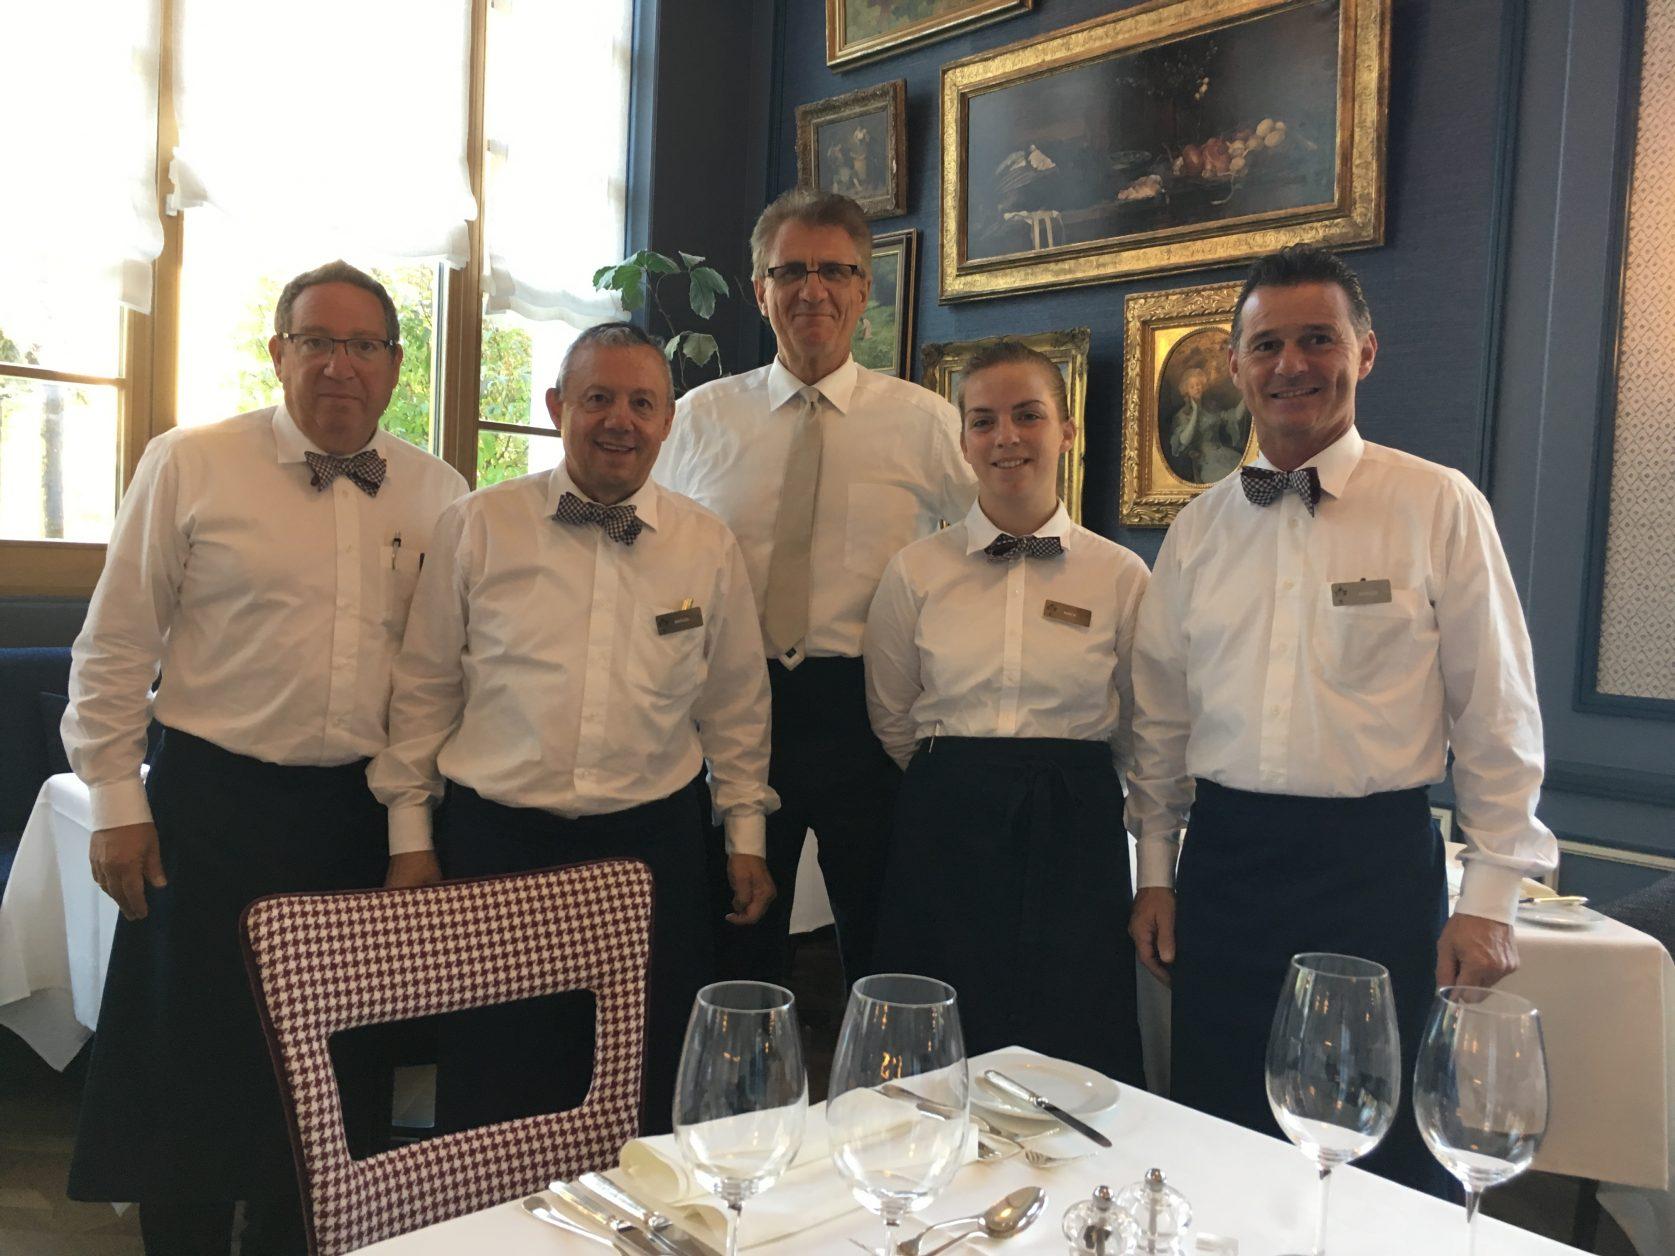 Immer für die Gäste da: das erfahrene Service-Team im Hotel Walther in Pontresina, Foto: Weirauch